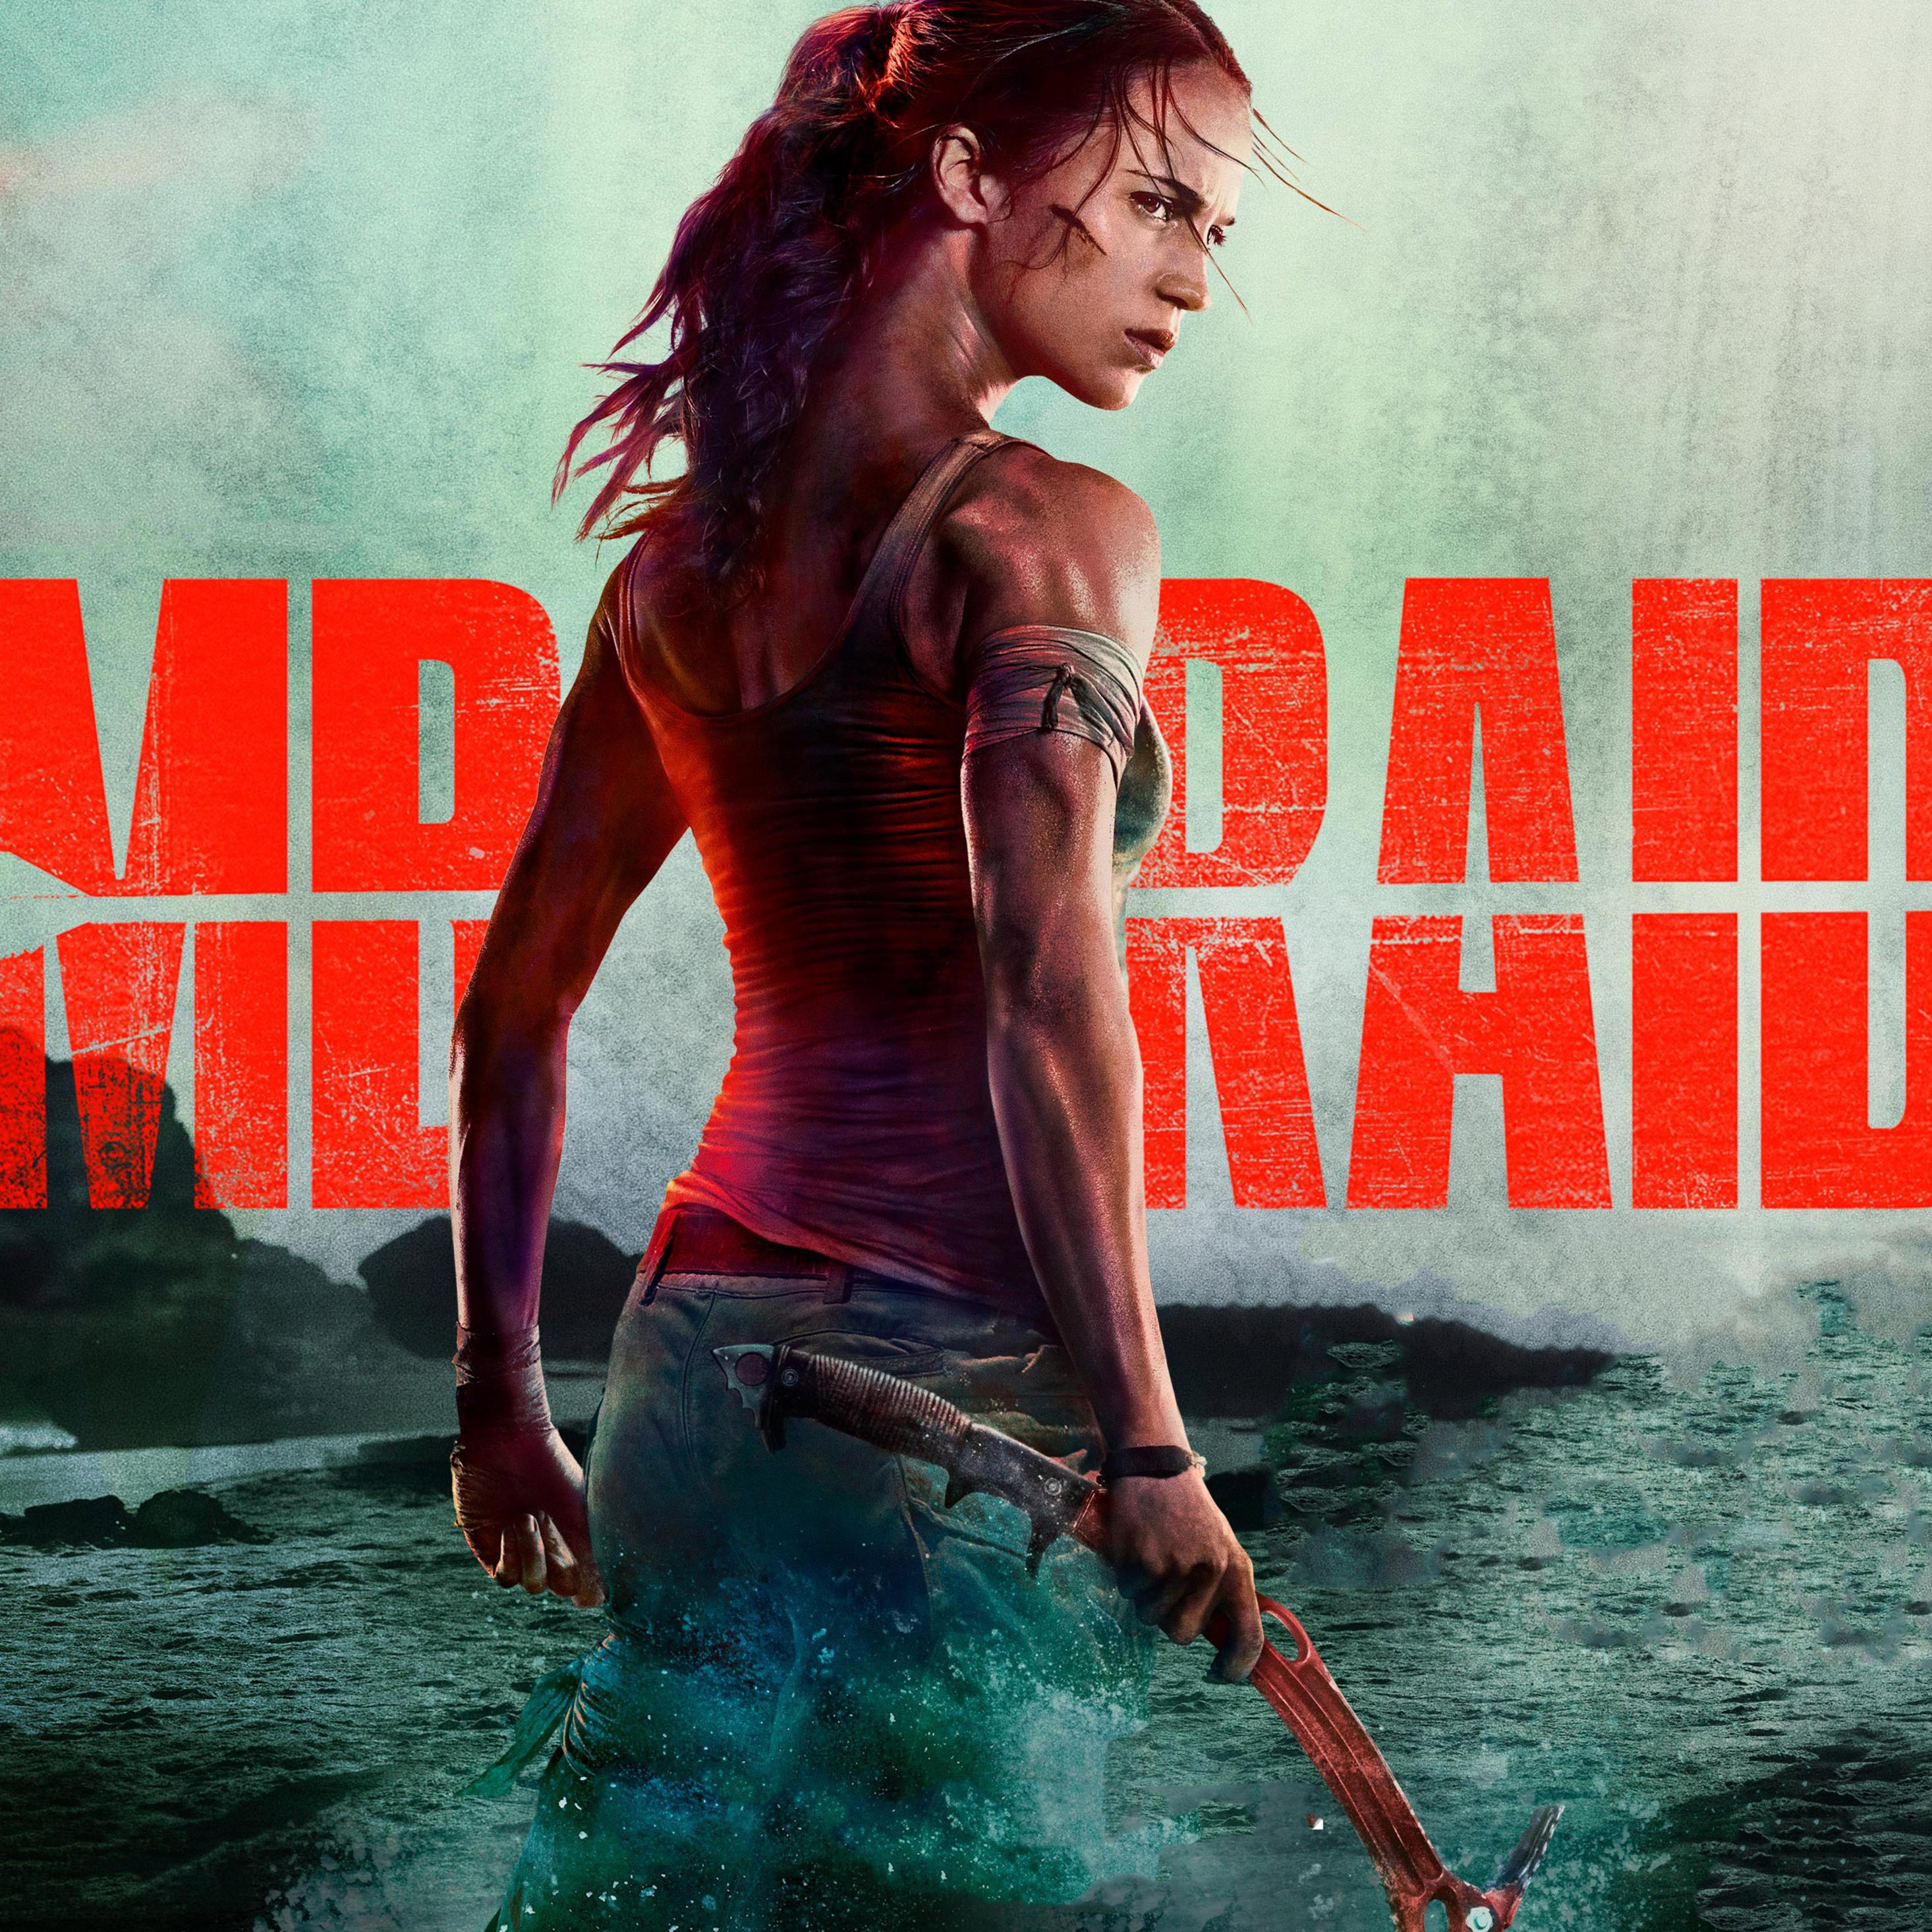 Tomb Rider Wallpaper: 2932x2932 Tomb Raider 2018 4k Ipad Pro Retina Display HD